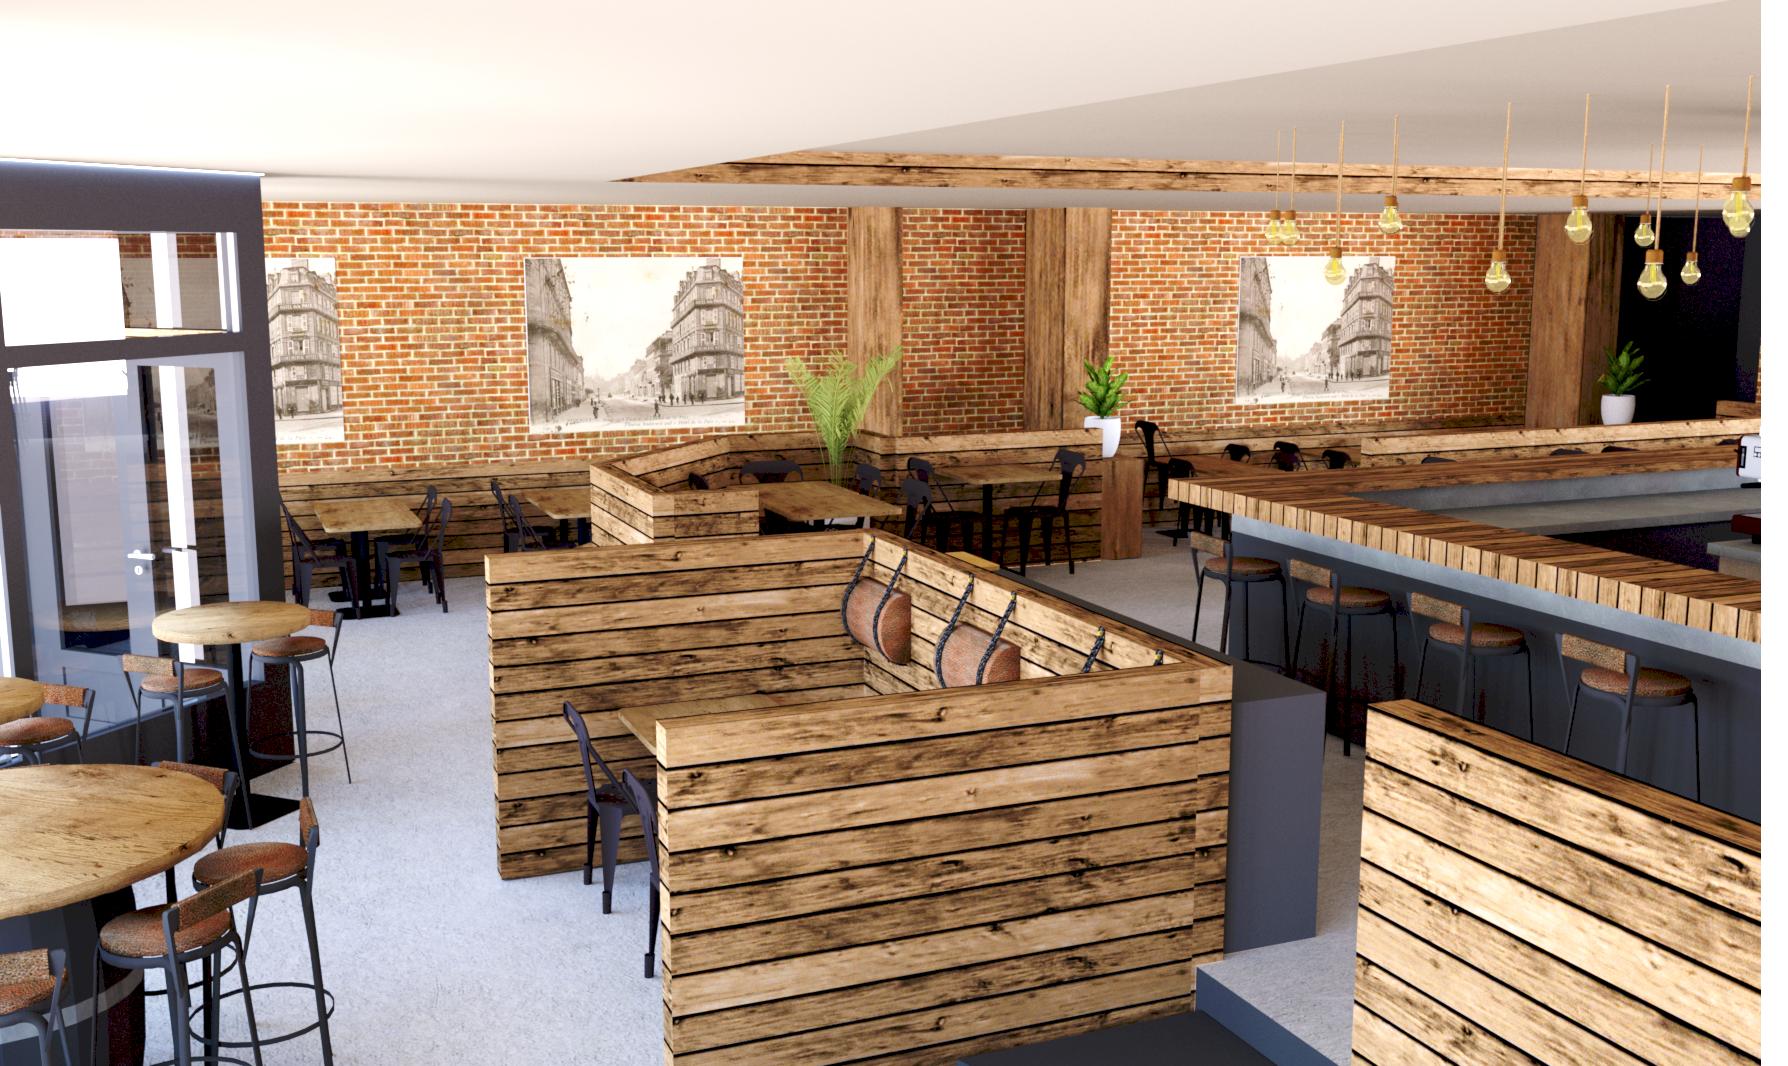 Vue 3D du restaurant avec les tables et les chaises en bois